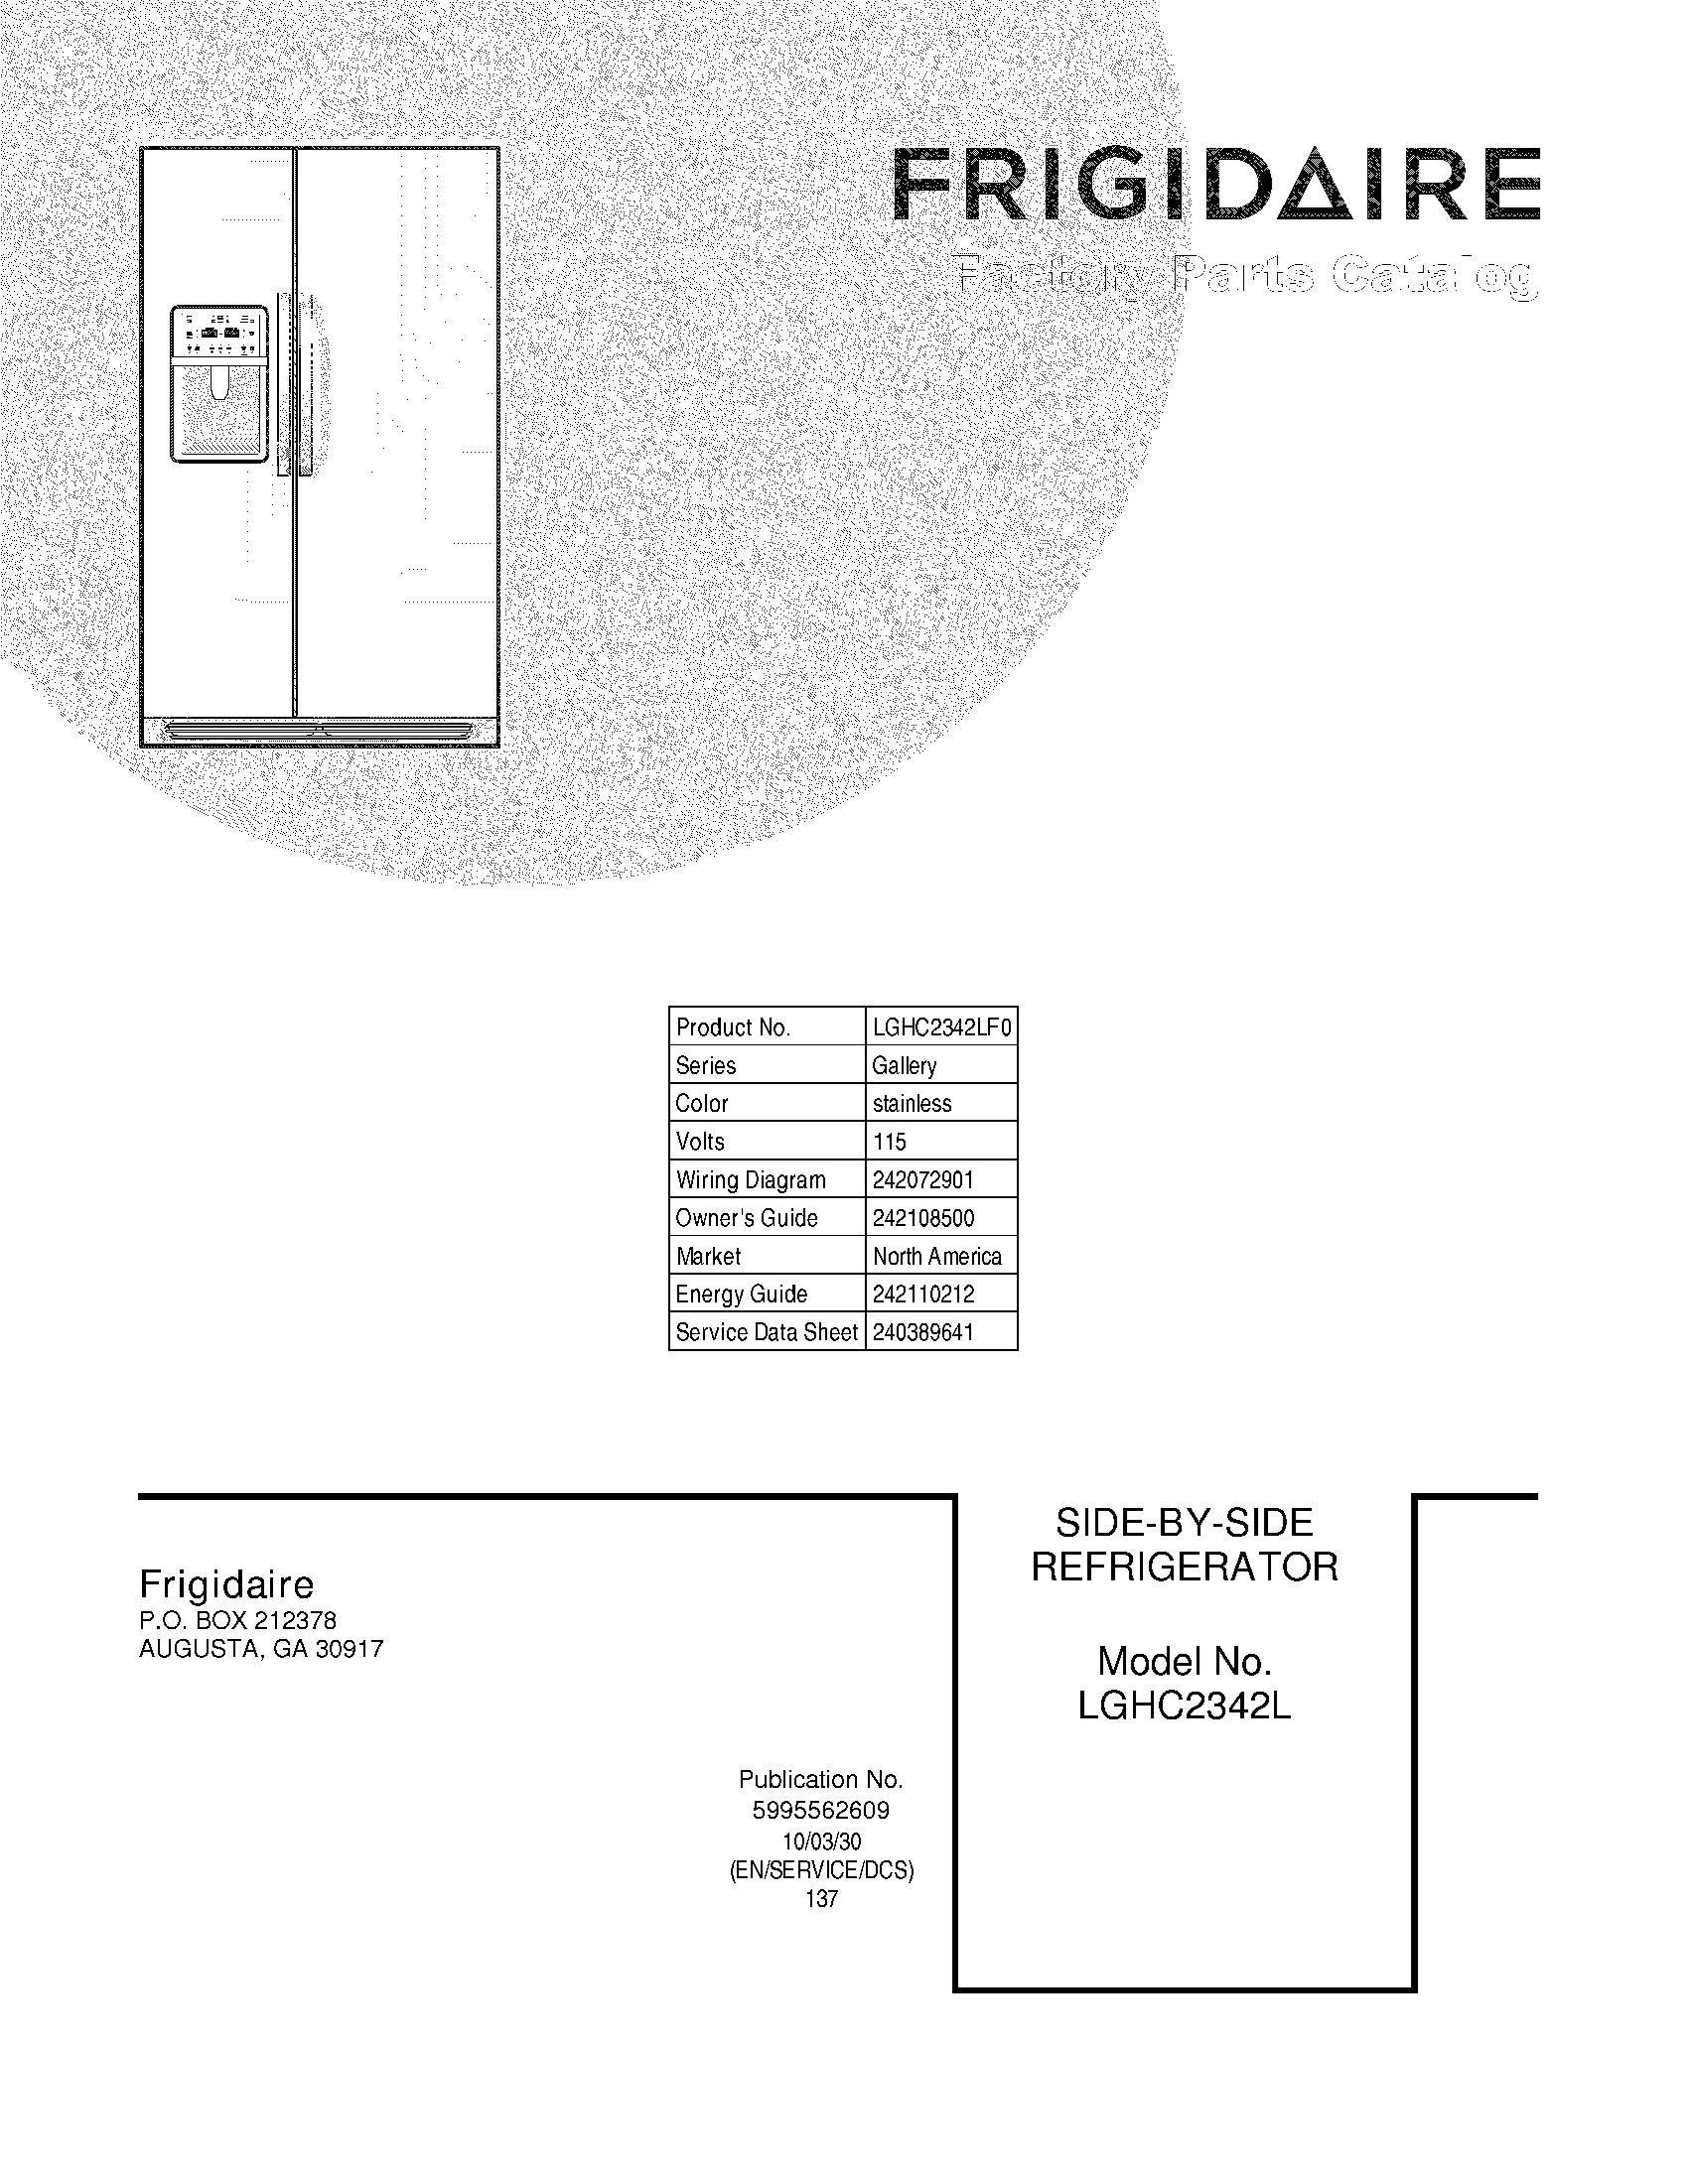 Sears Refrigerator Wiring Diagram 596 75533400 Kenmore Appliance Frigidaire Compressor For Sxs Elite